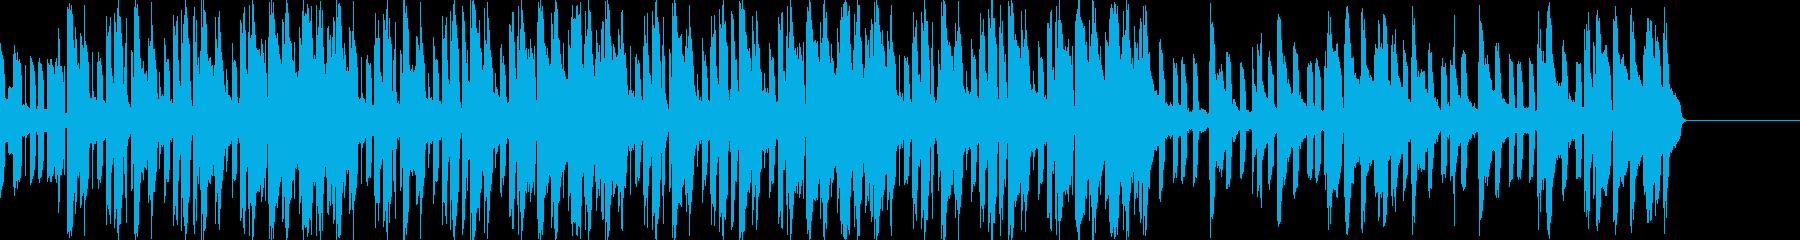 リラックス、スウィートな雰囲気のBGMの再生済みの波形